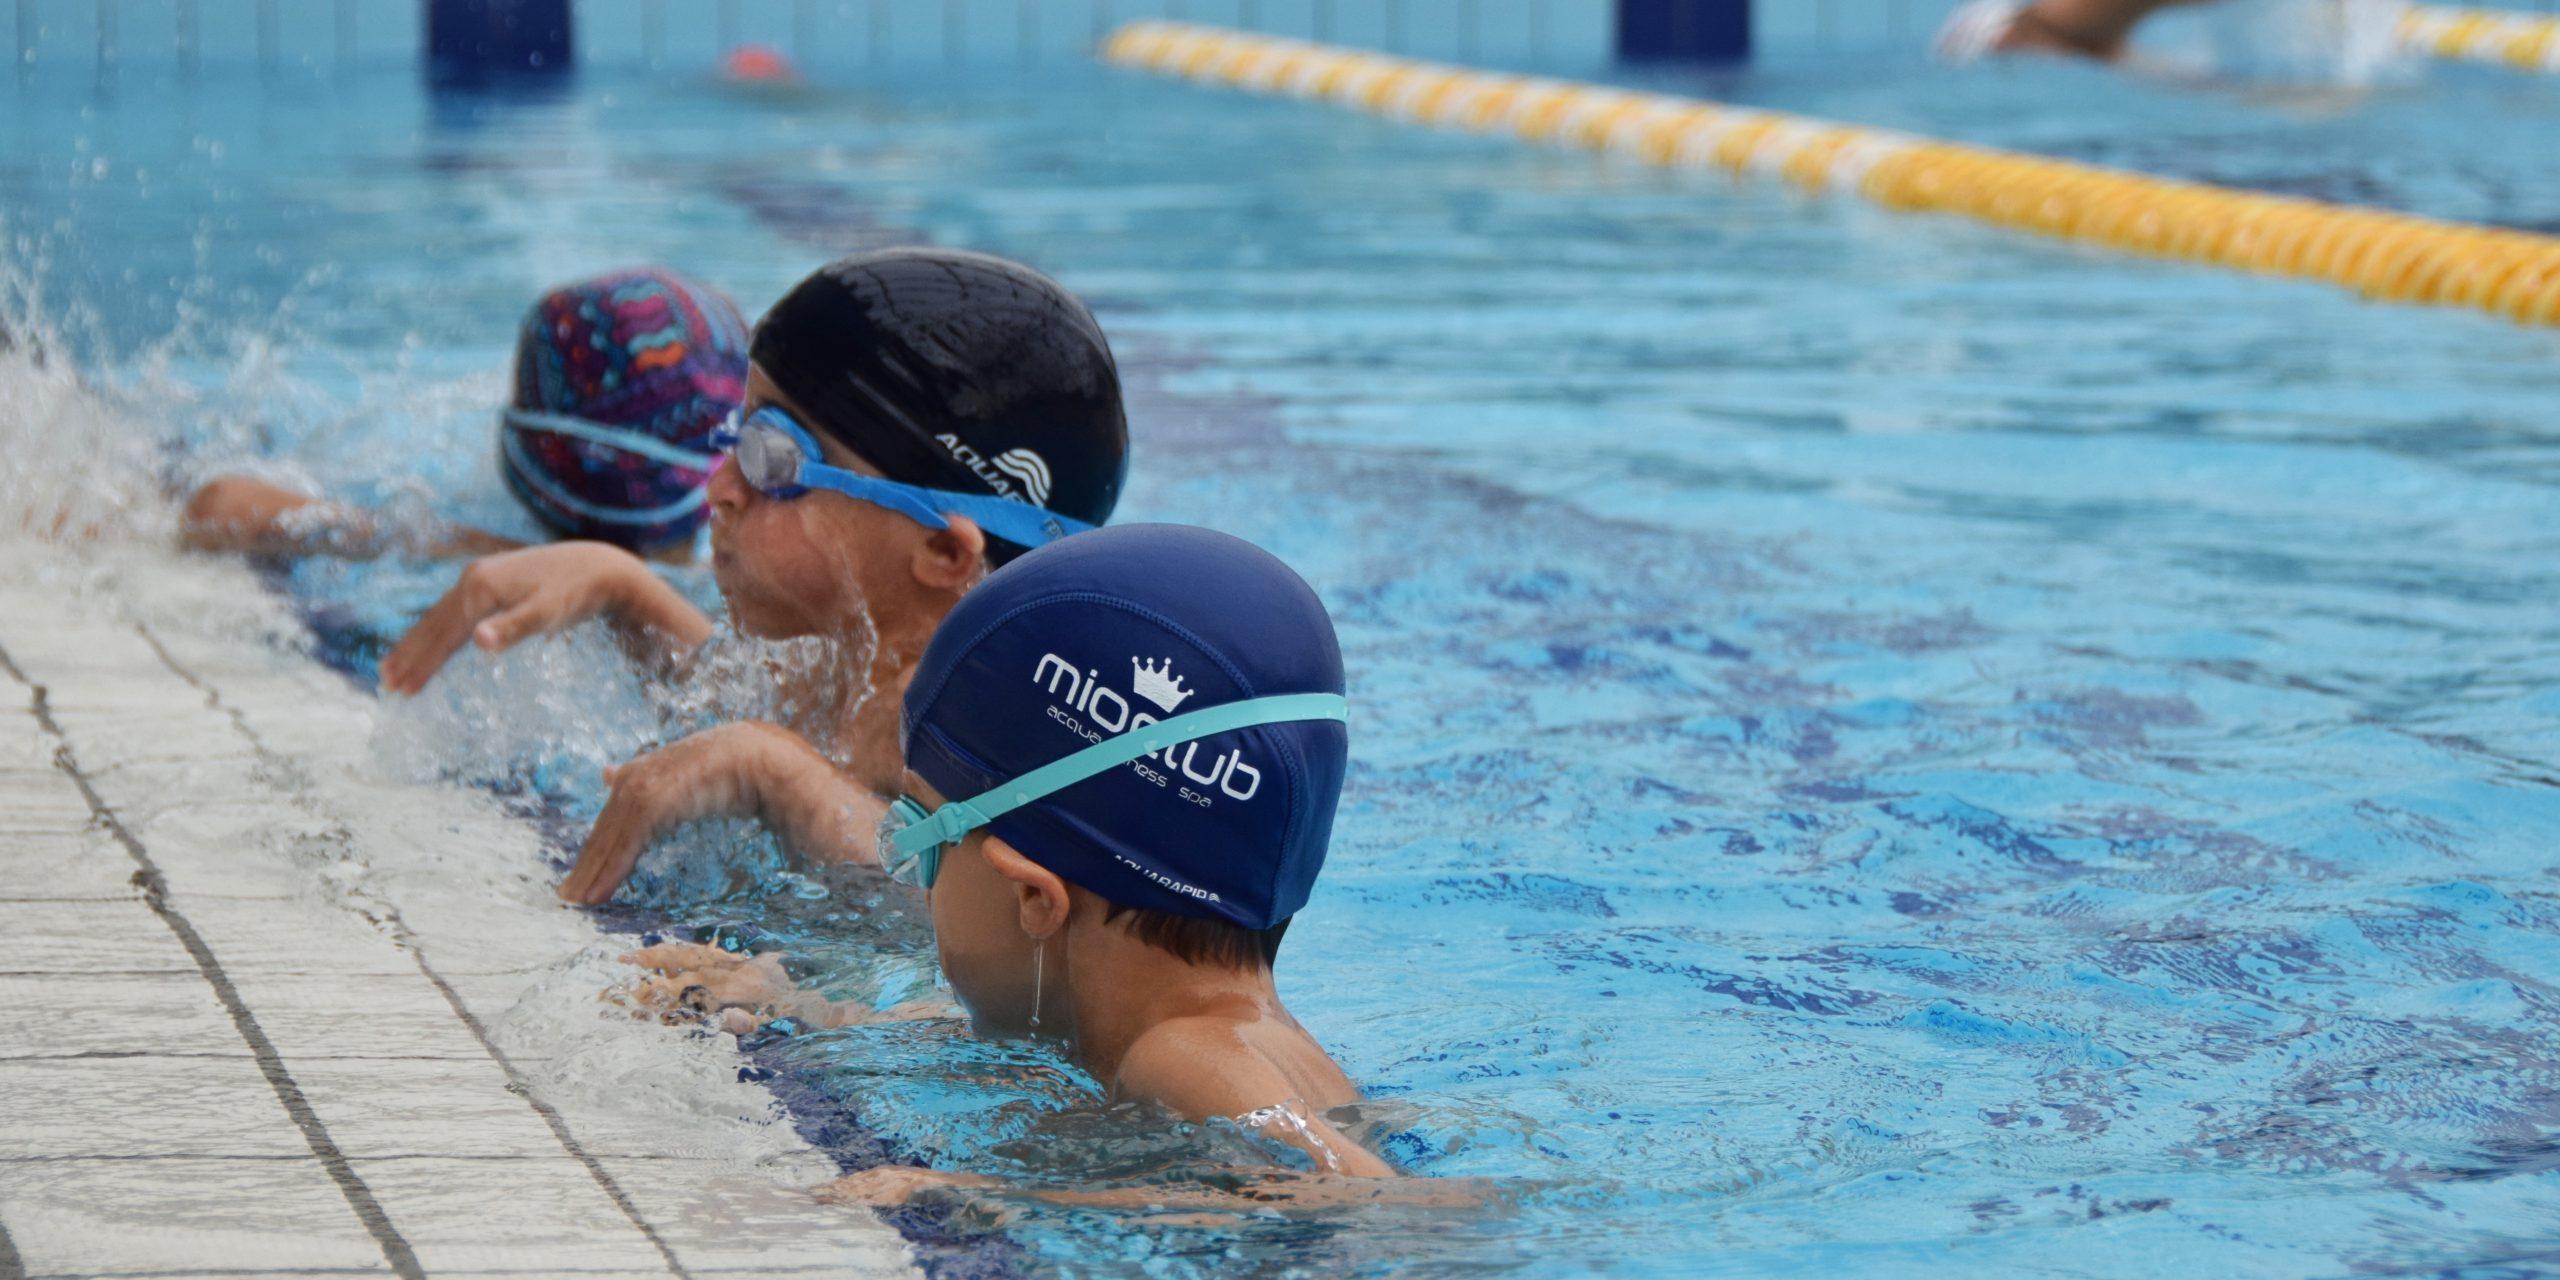 La Scuola Nuoto